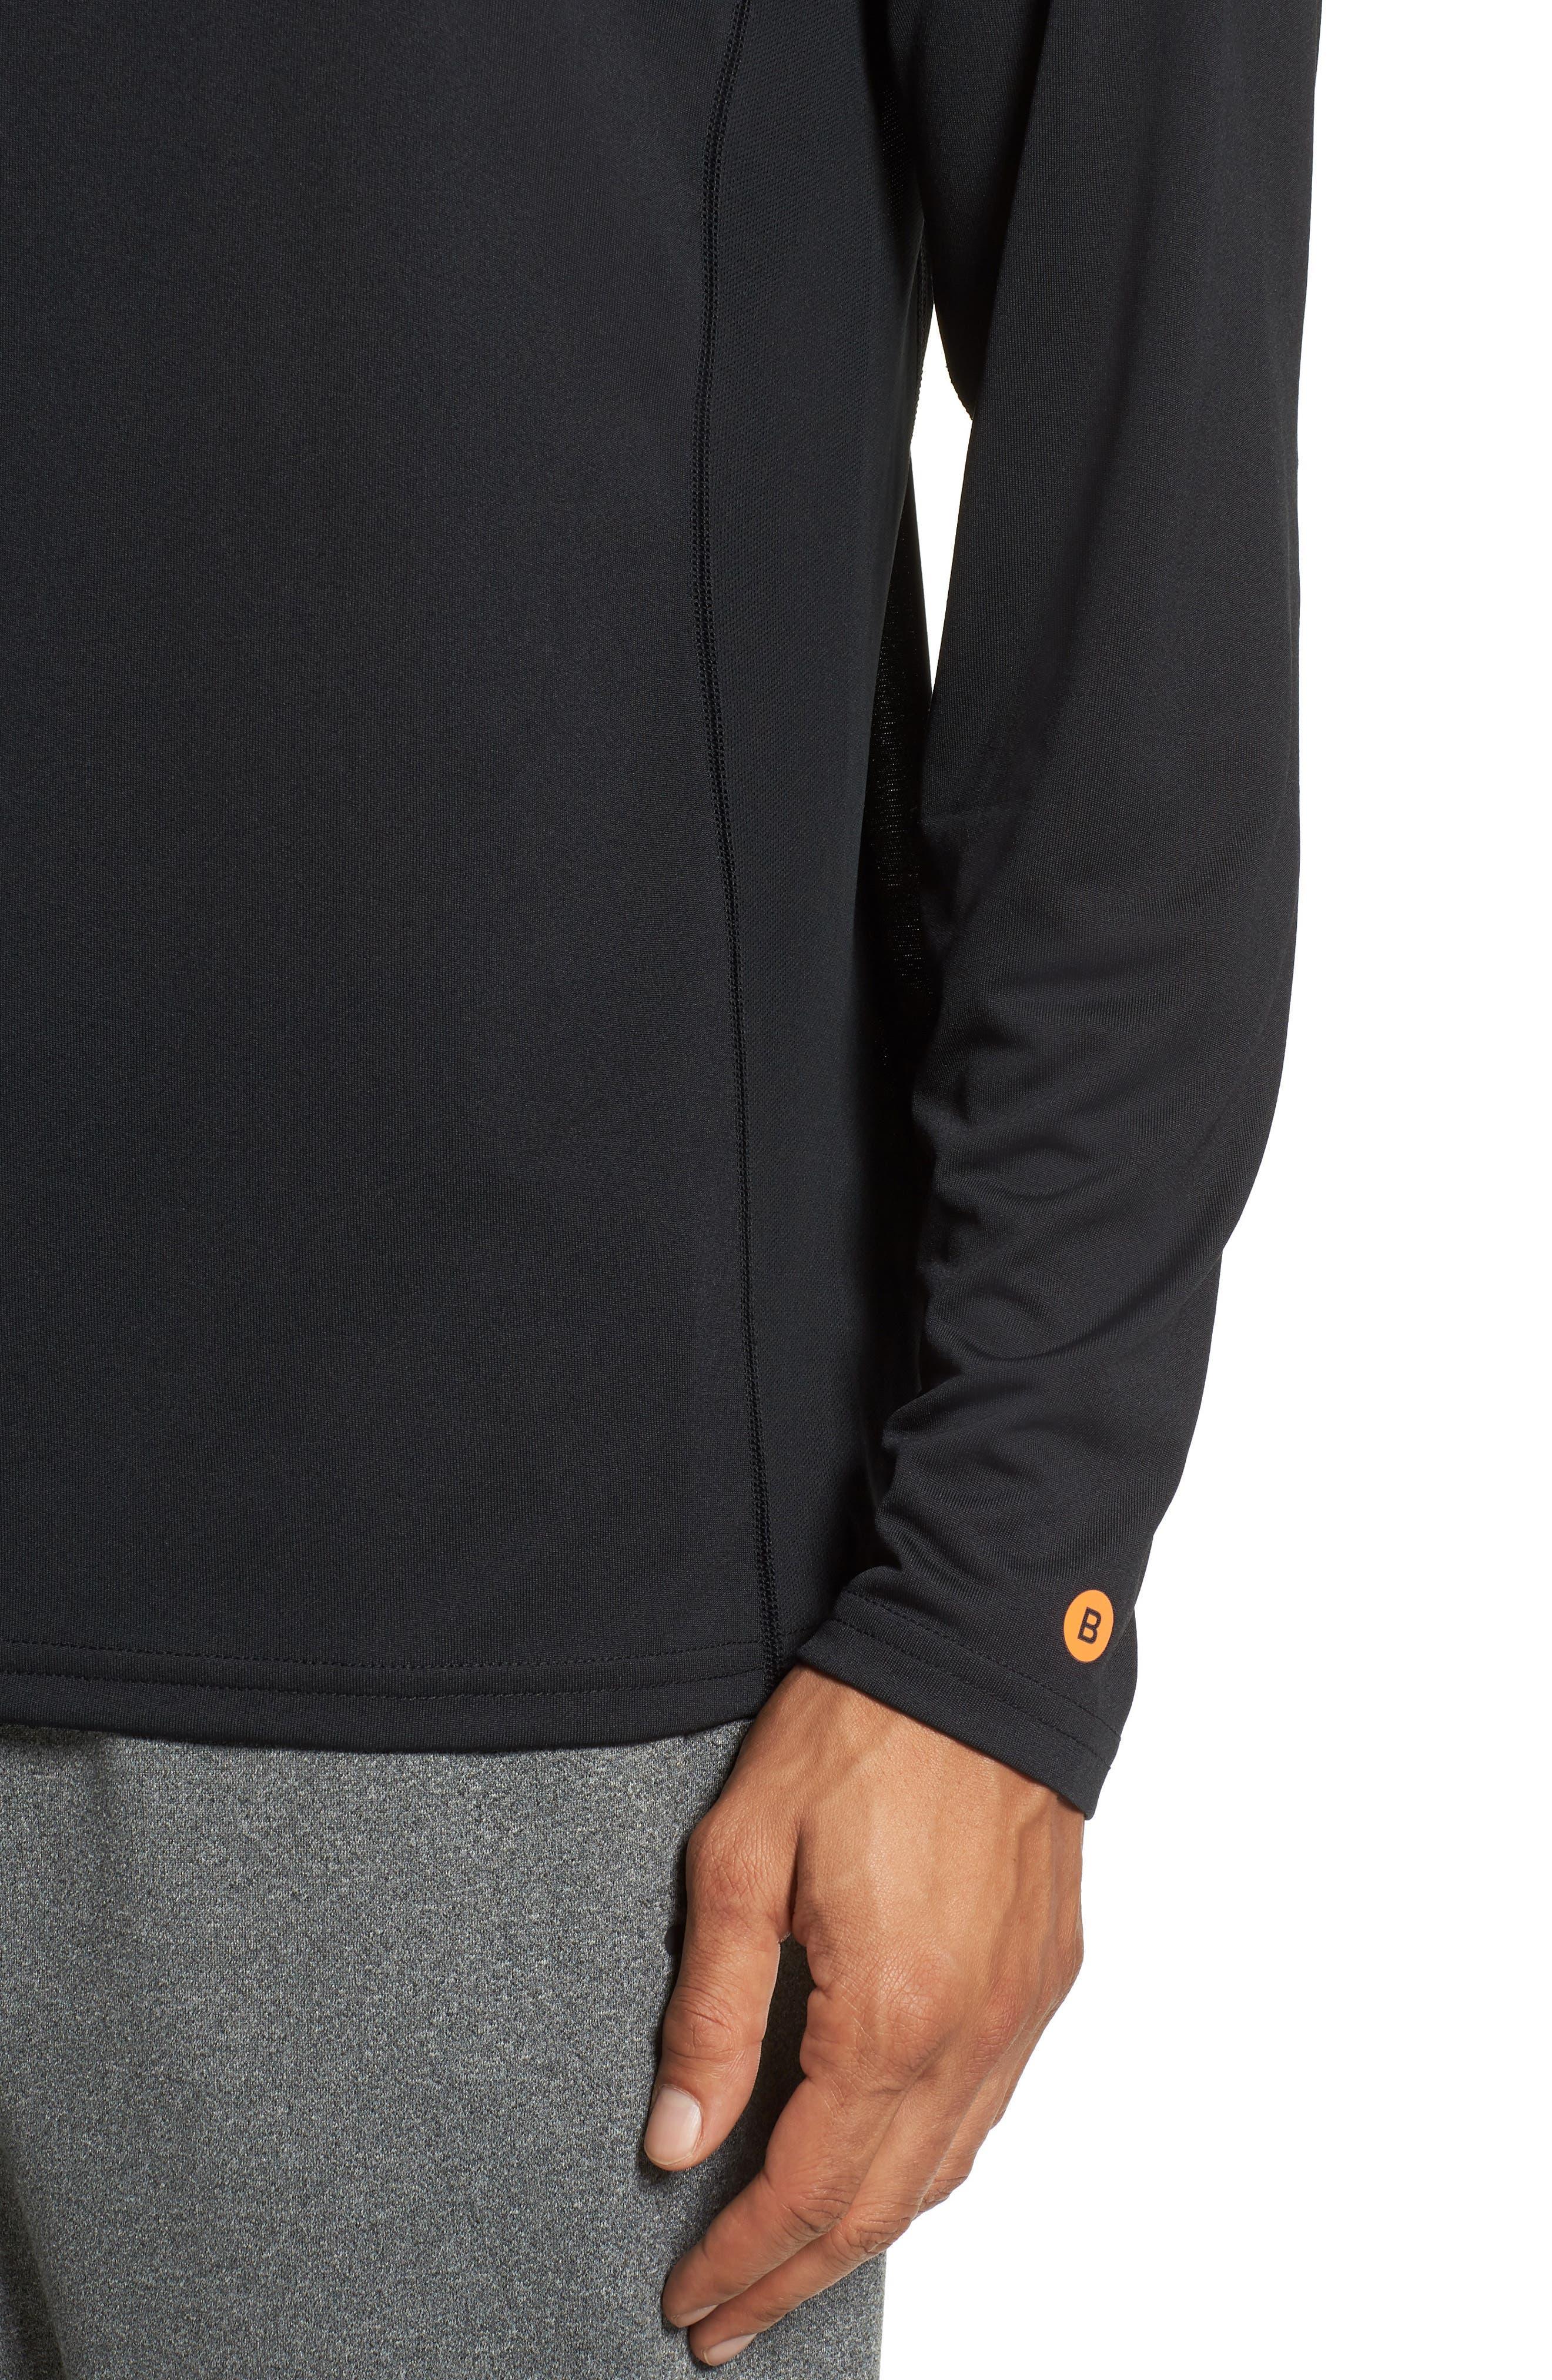 Goodsport T-Shirt,                             Alternate thumbnail 4, color,                             JET BLACK